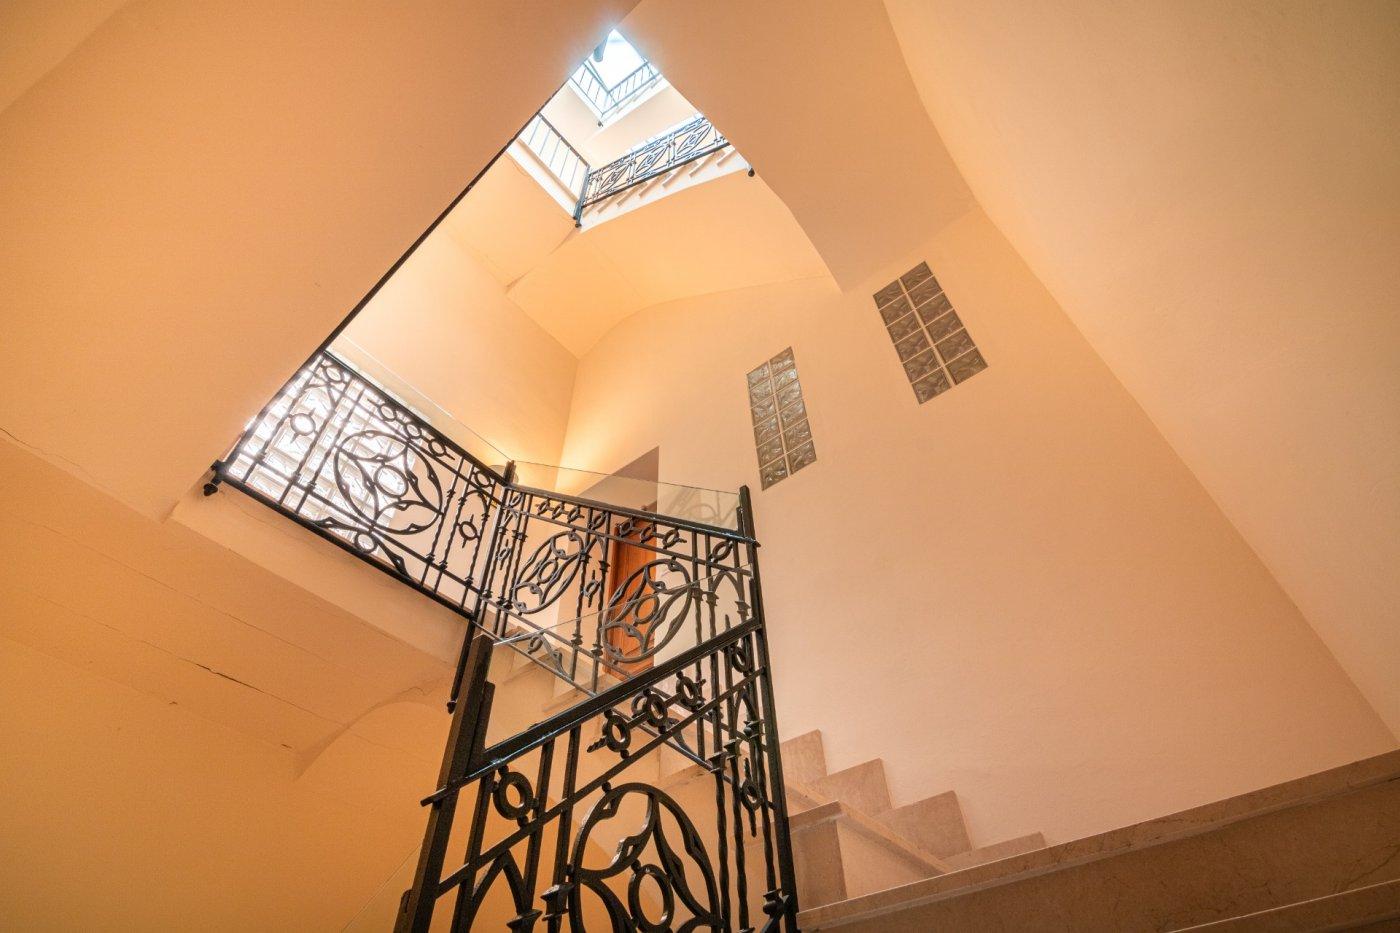 Alquiler Piso  Palma de mallorca ,centro. Precioso piso en el centro